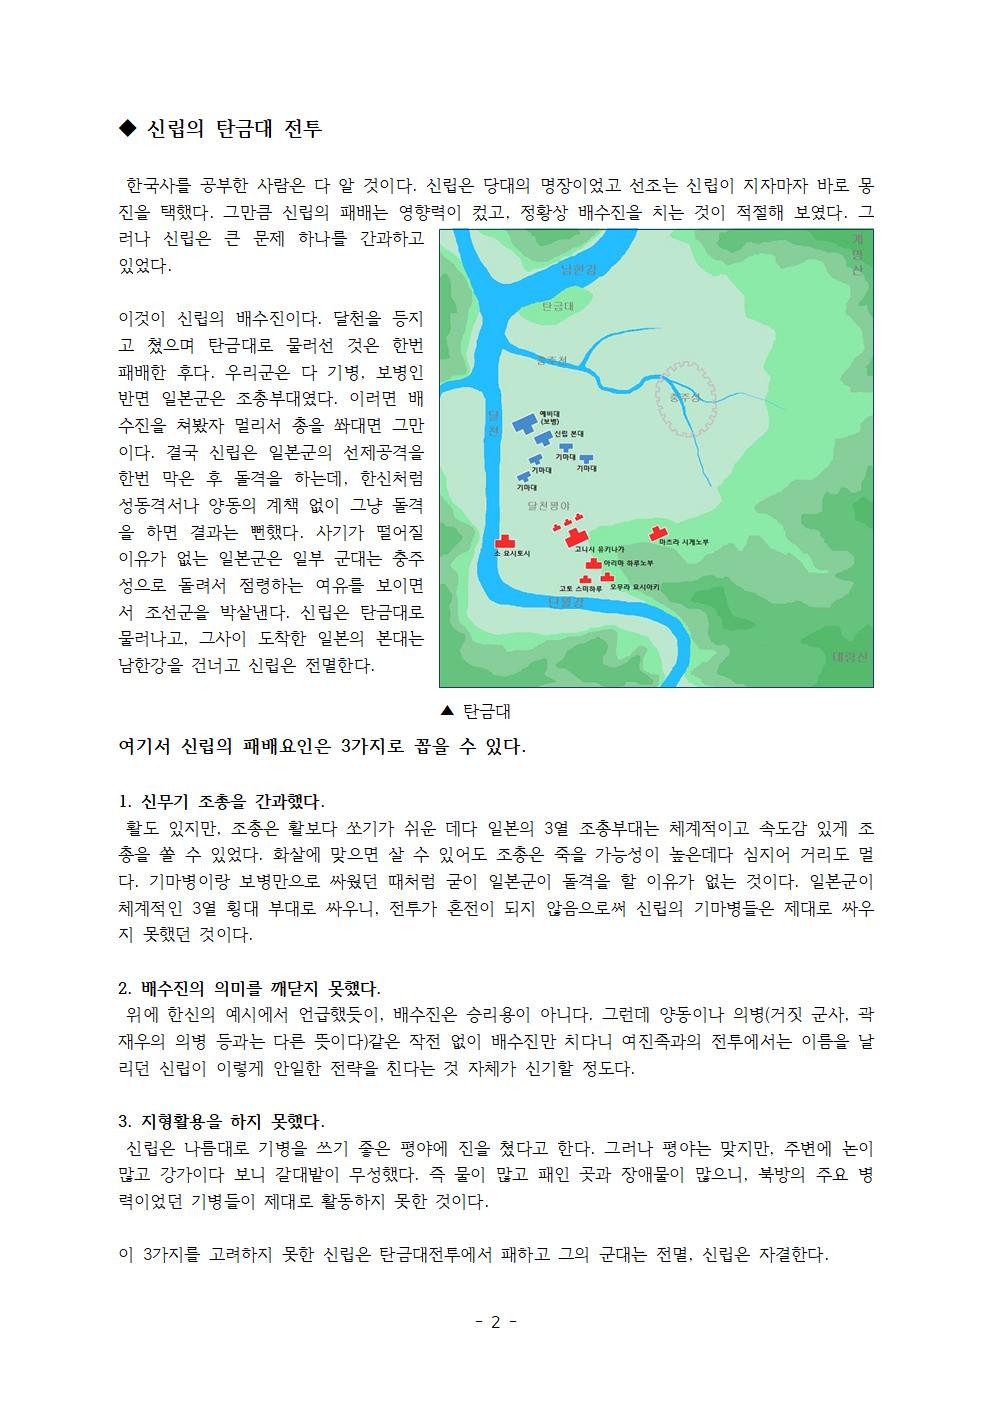 ※ 배수진(최원준) 수정002.png